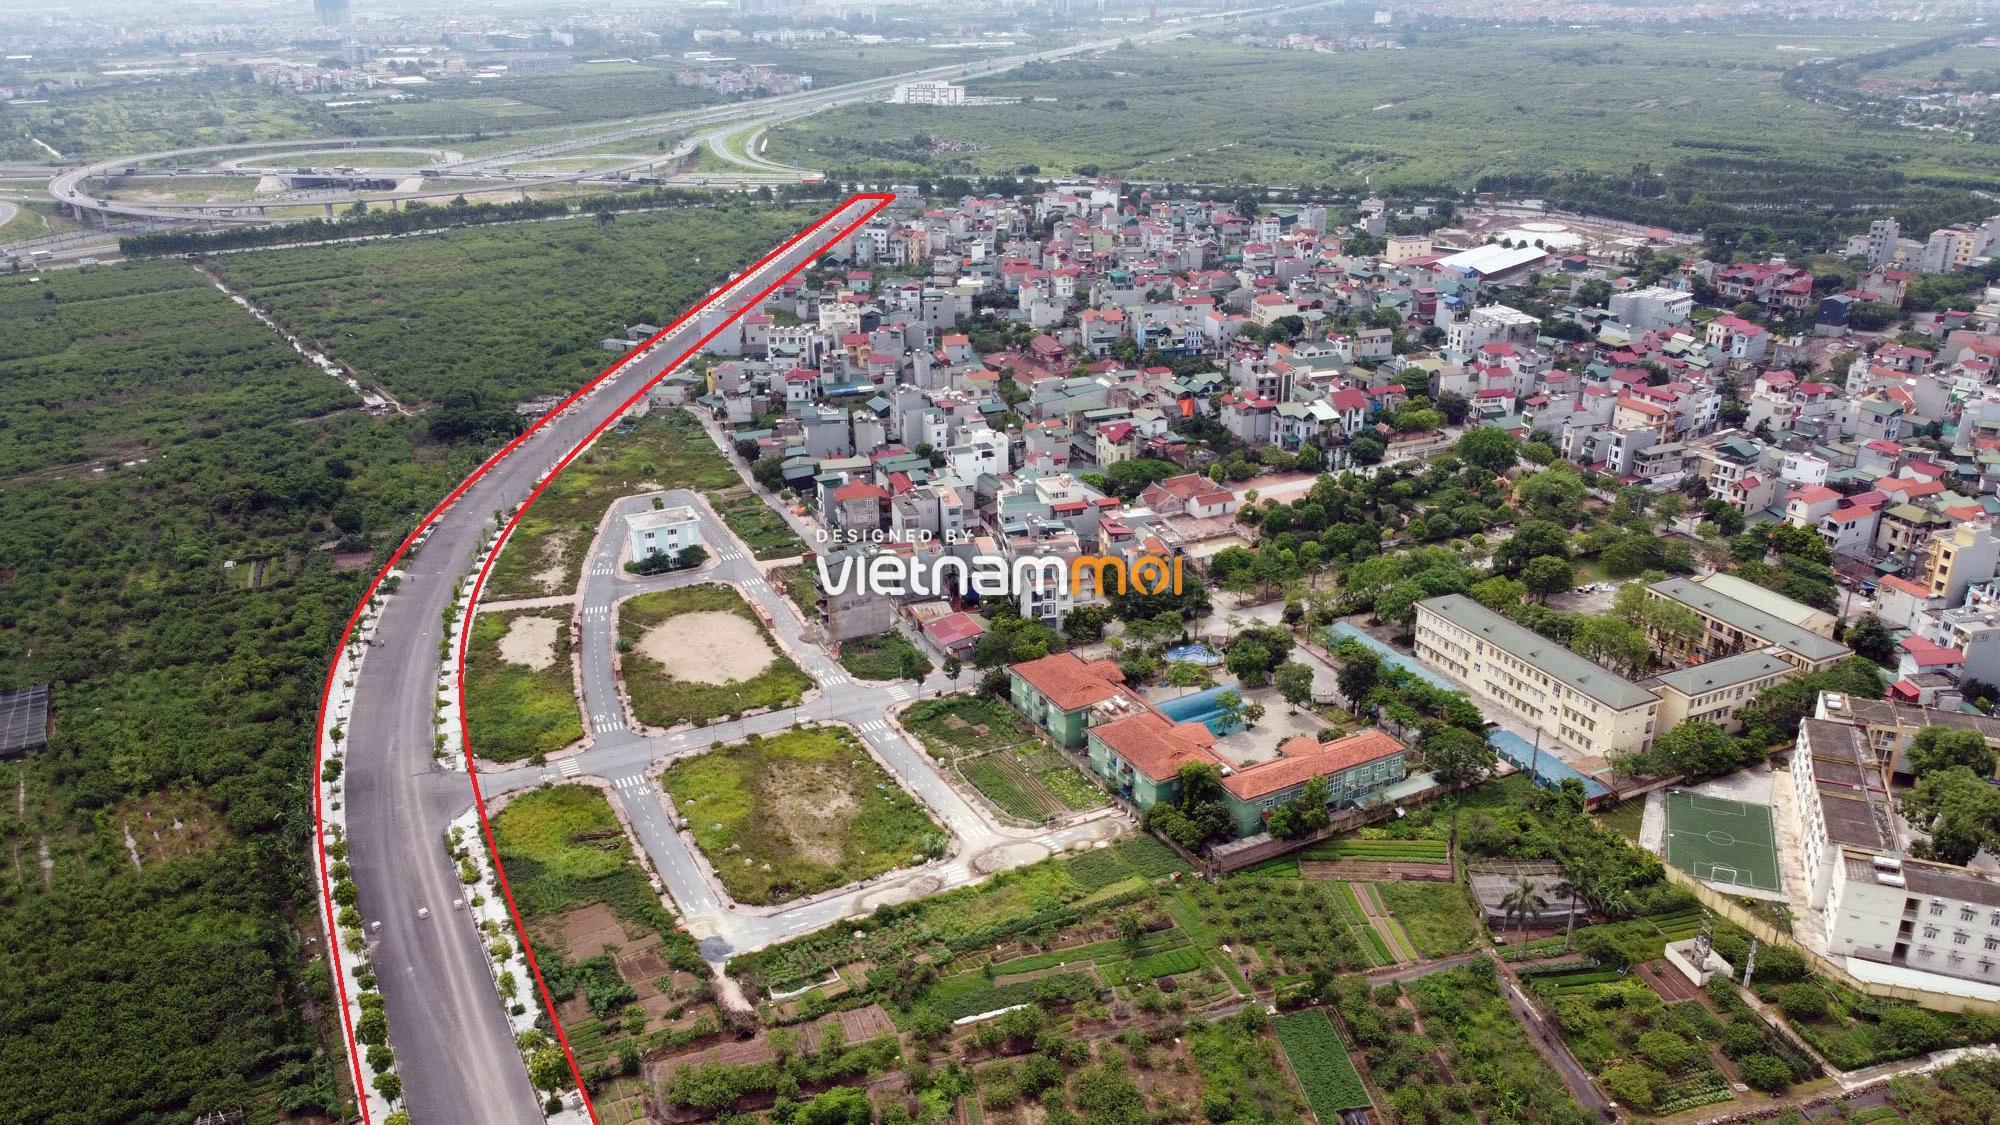 Toàn cảnh đường nối Bát Khối - QL1A đang mở theo quy hoạch ở quận Long Biên, Hà Nội - Ảnh 8.